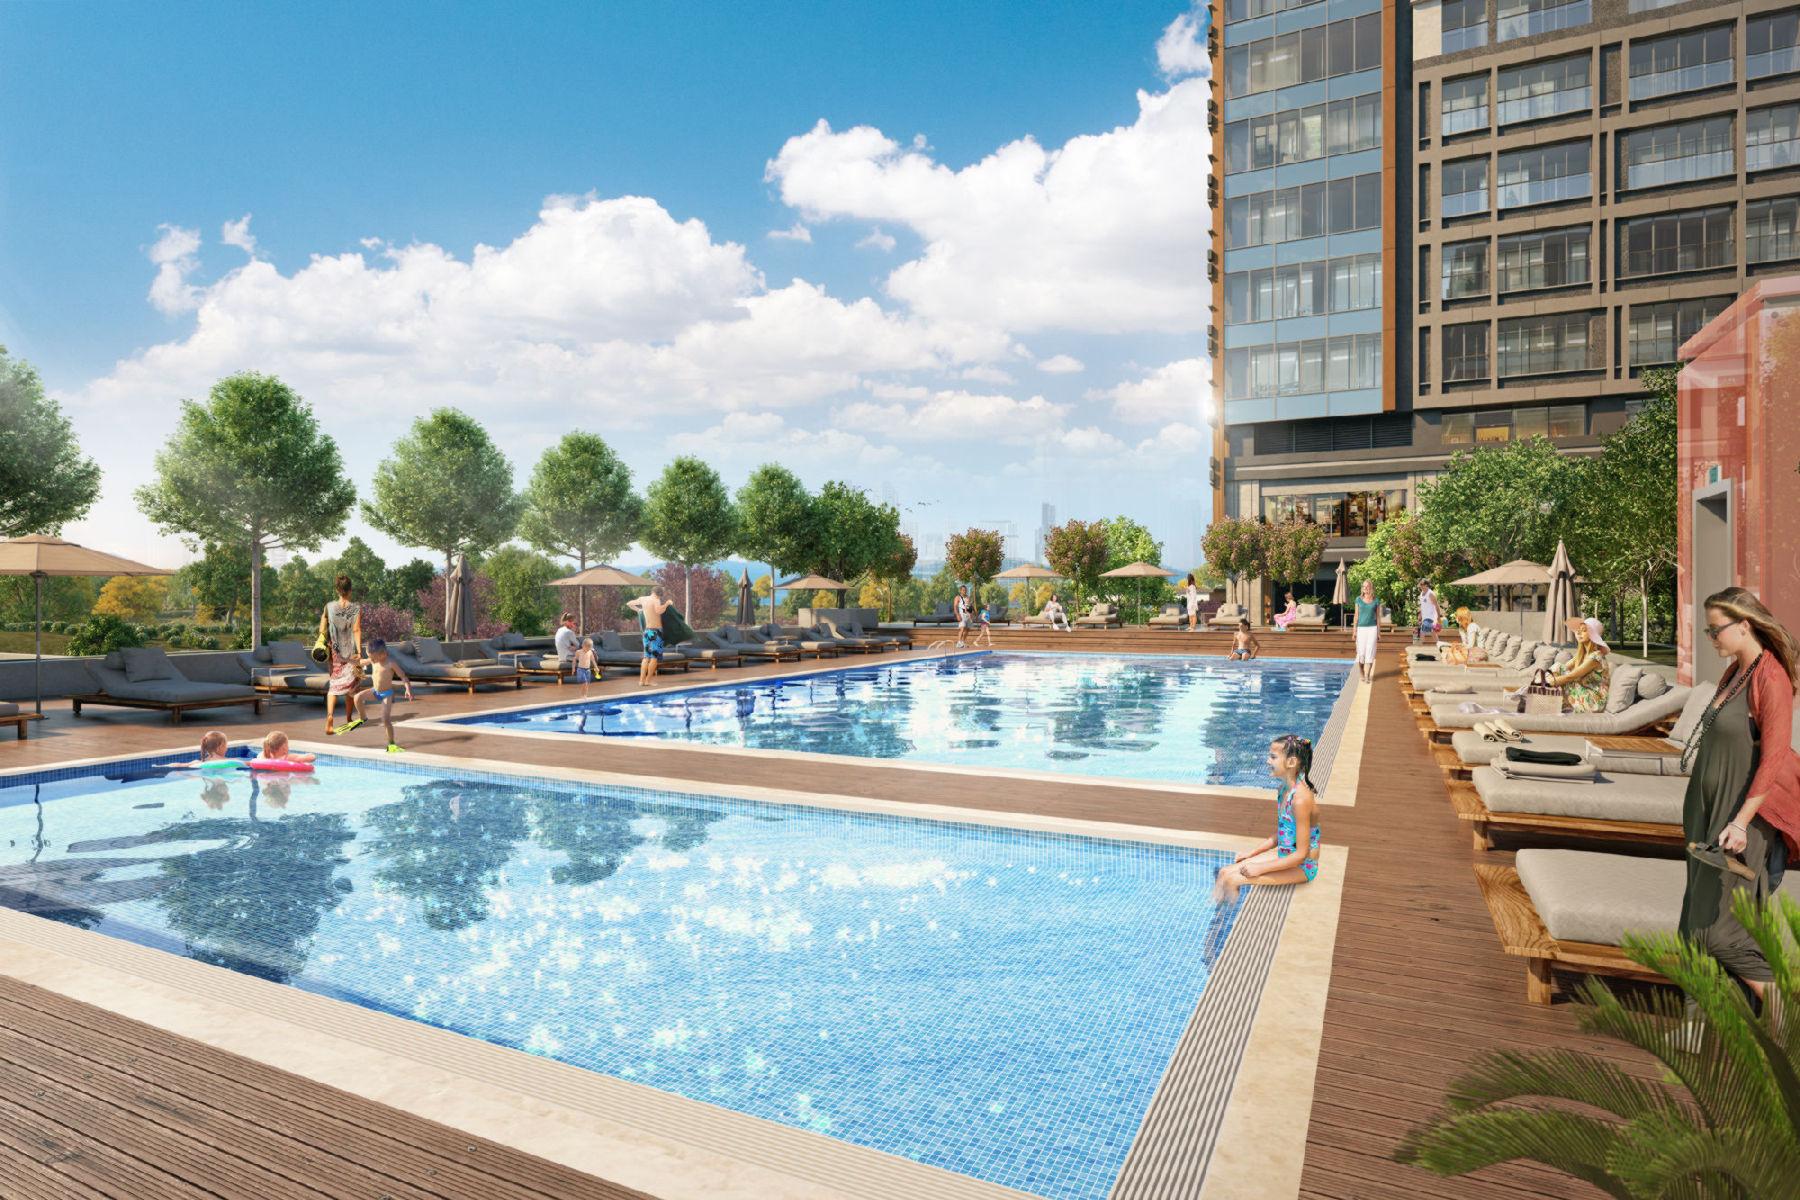 «Умные» квартиры в новом жилом комплексе Стамбула - Фото 19